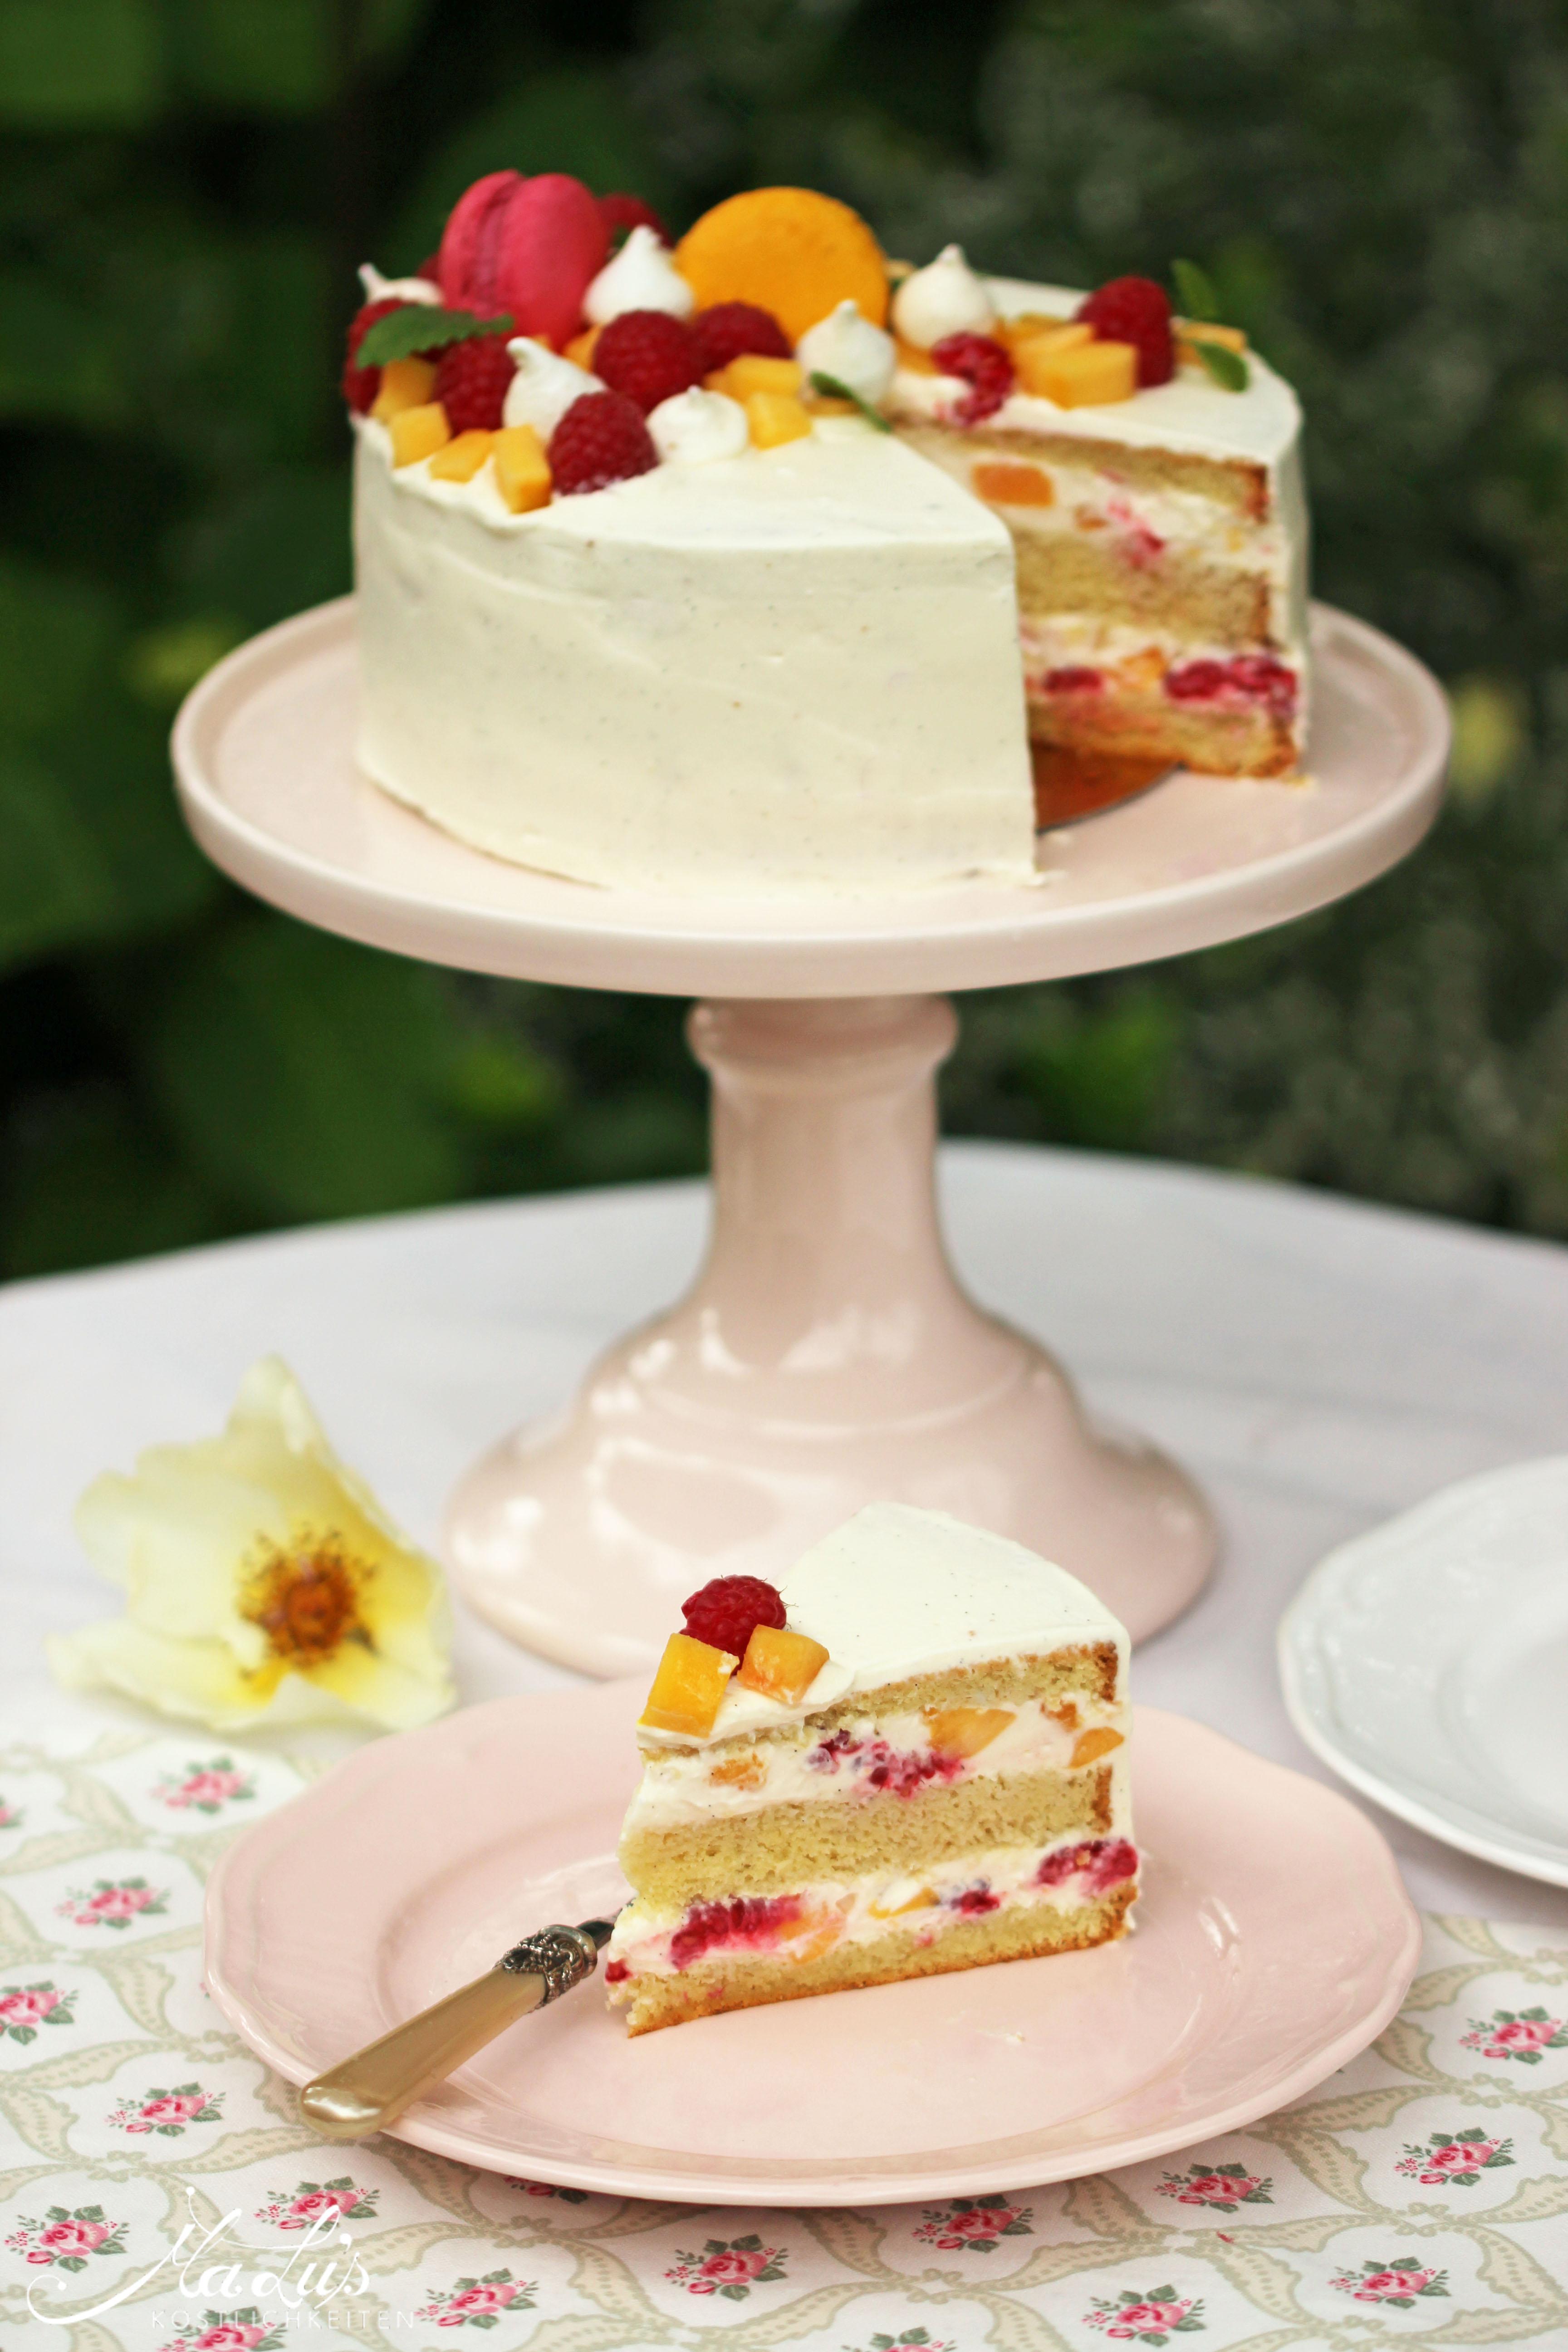 Peach Melba Torte by MaLu's Köstlichkeiten